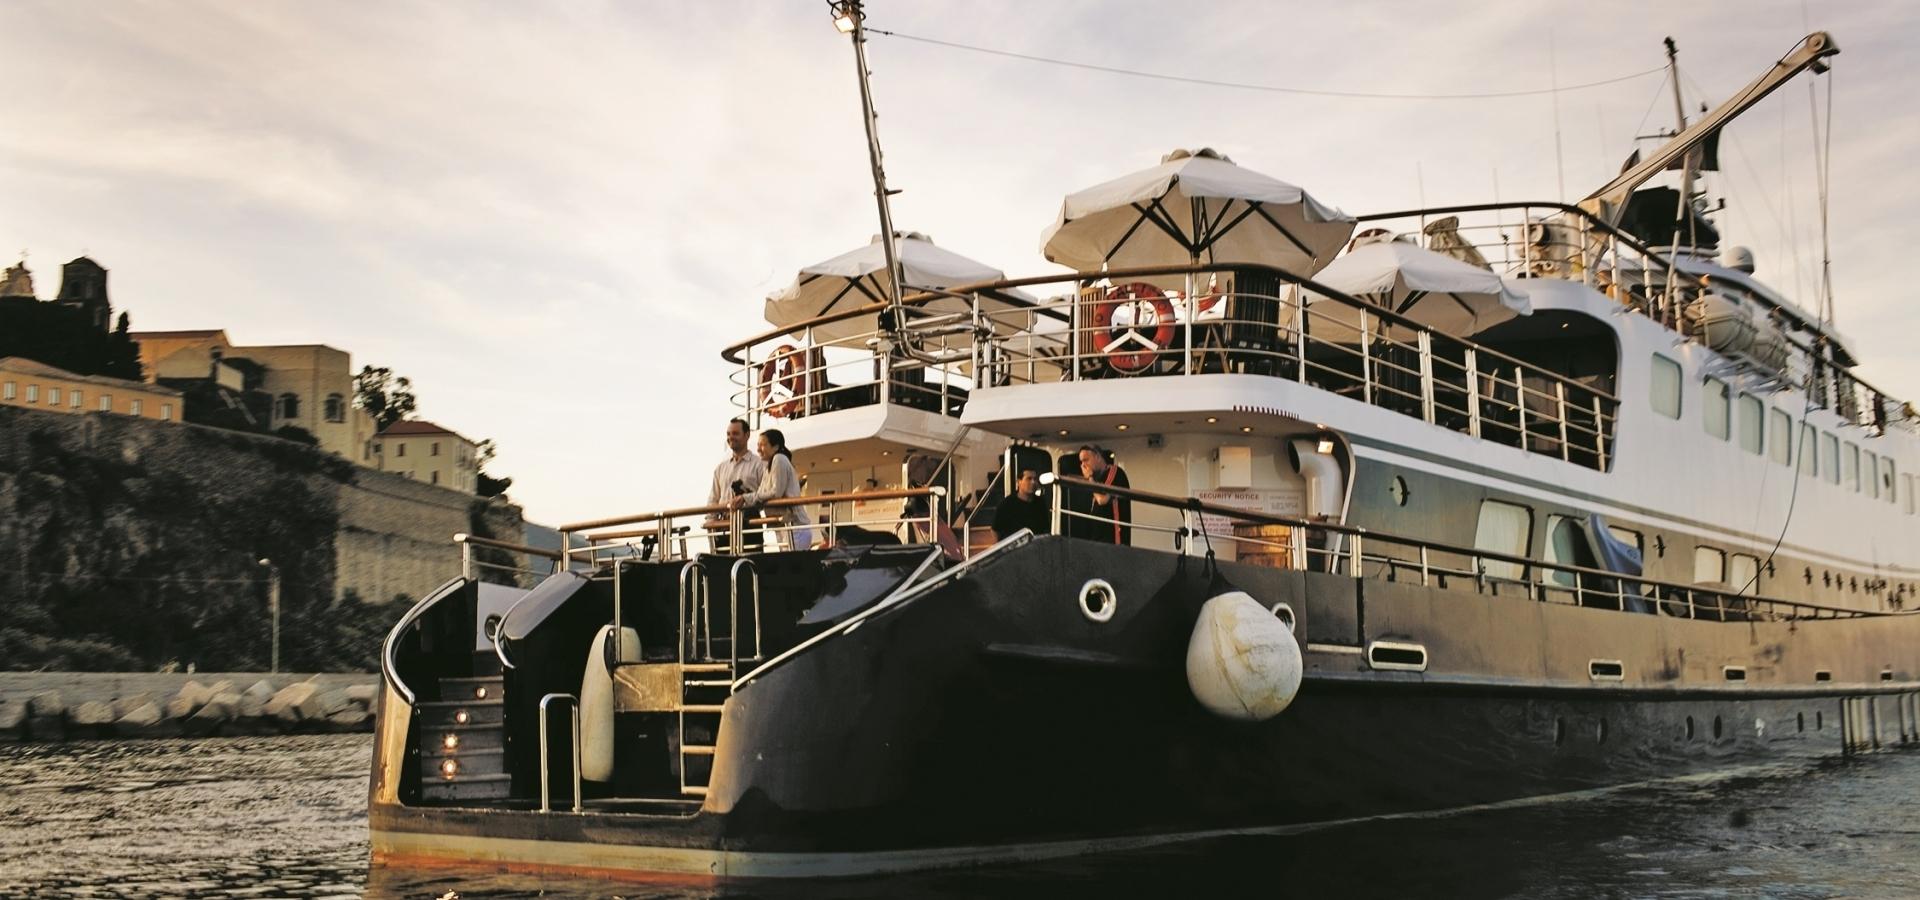 Crucero Variety Cruises - Tesoros de Panamá y Costa Rica